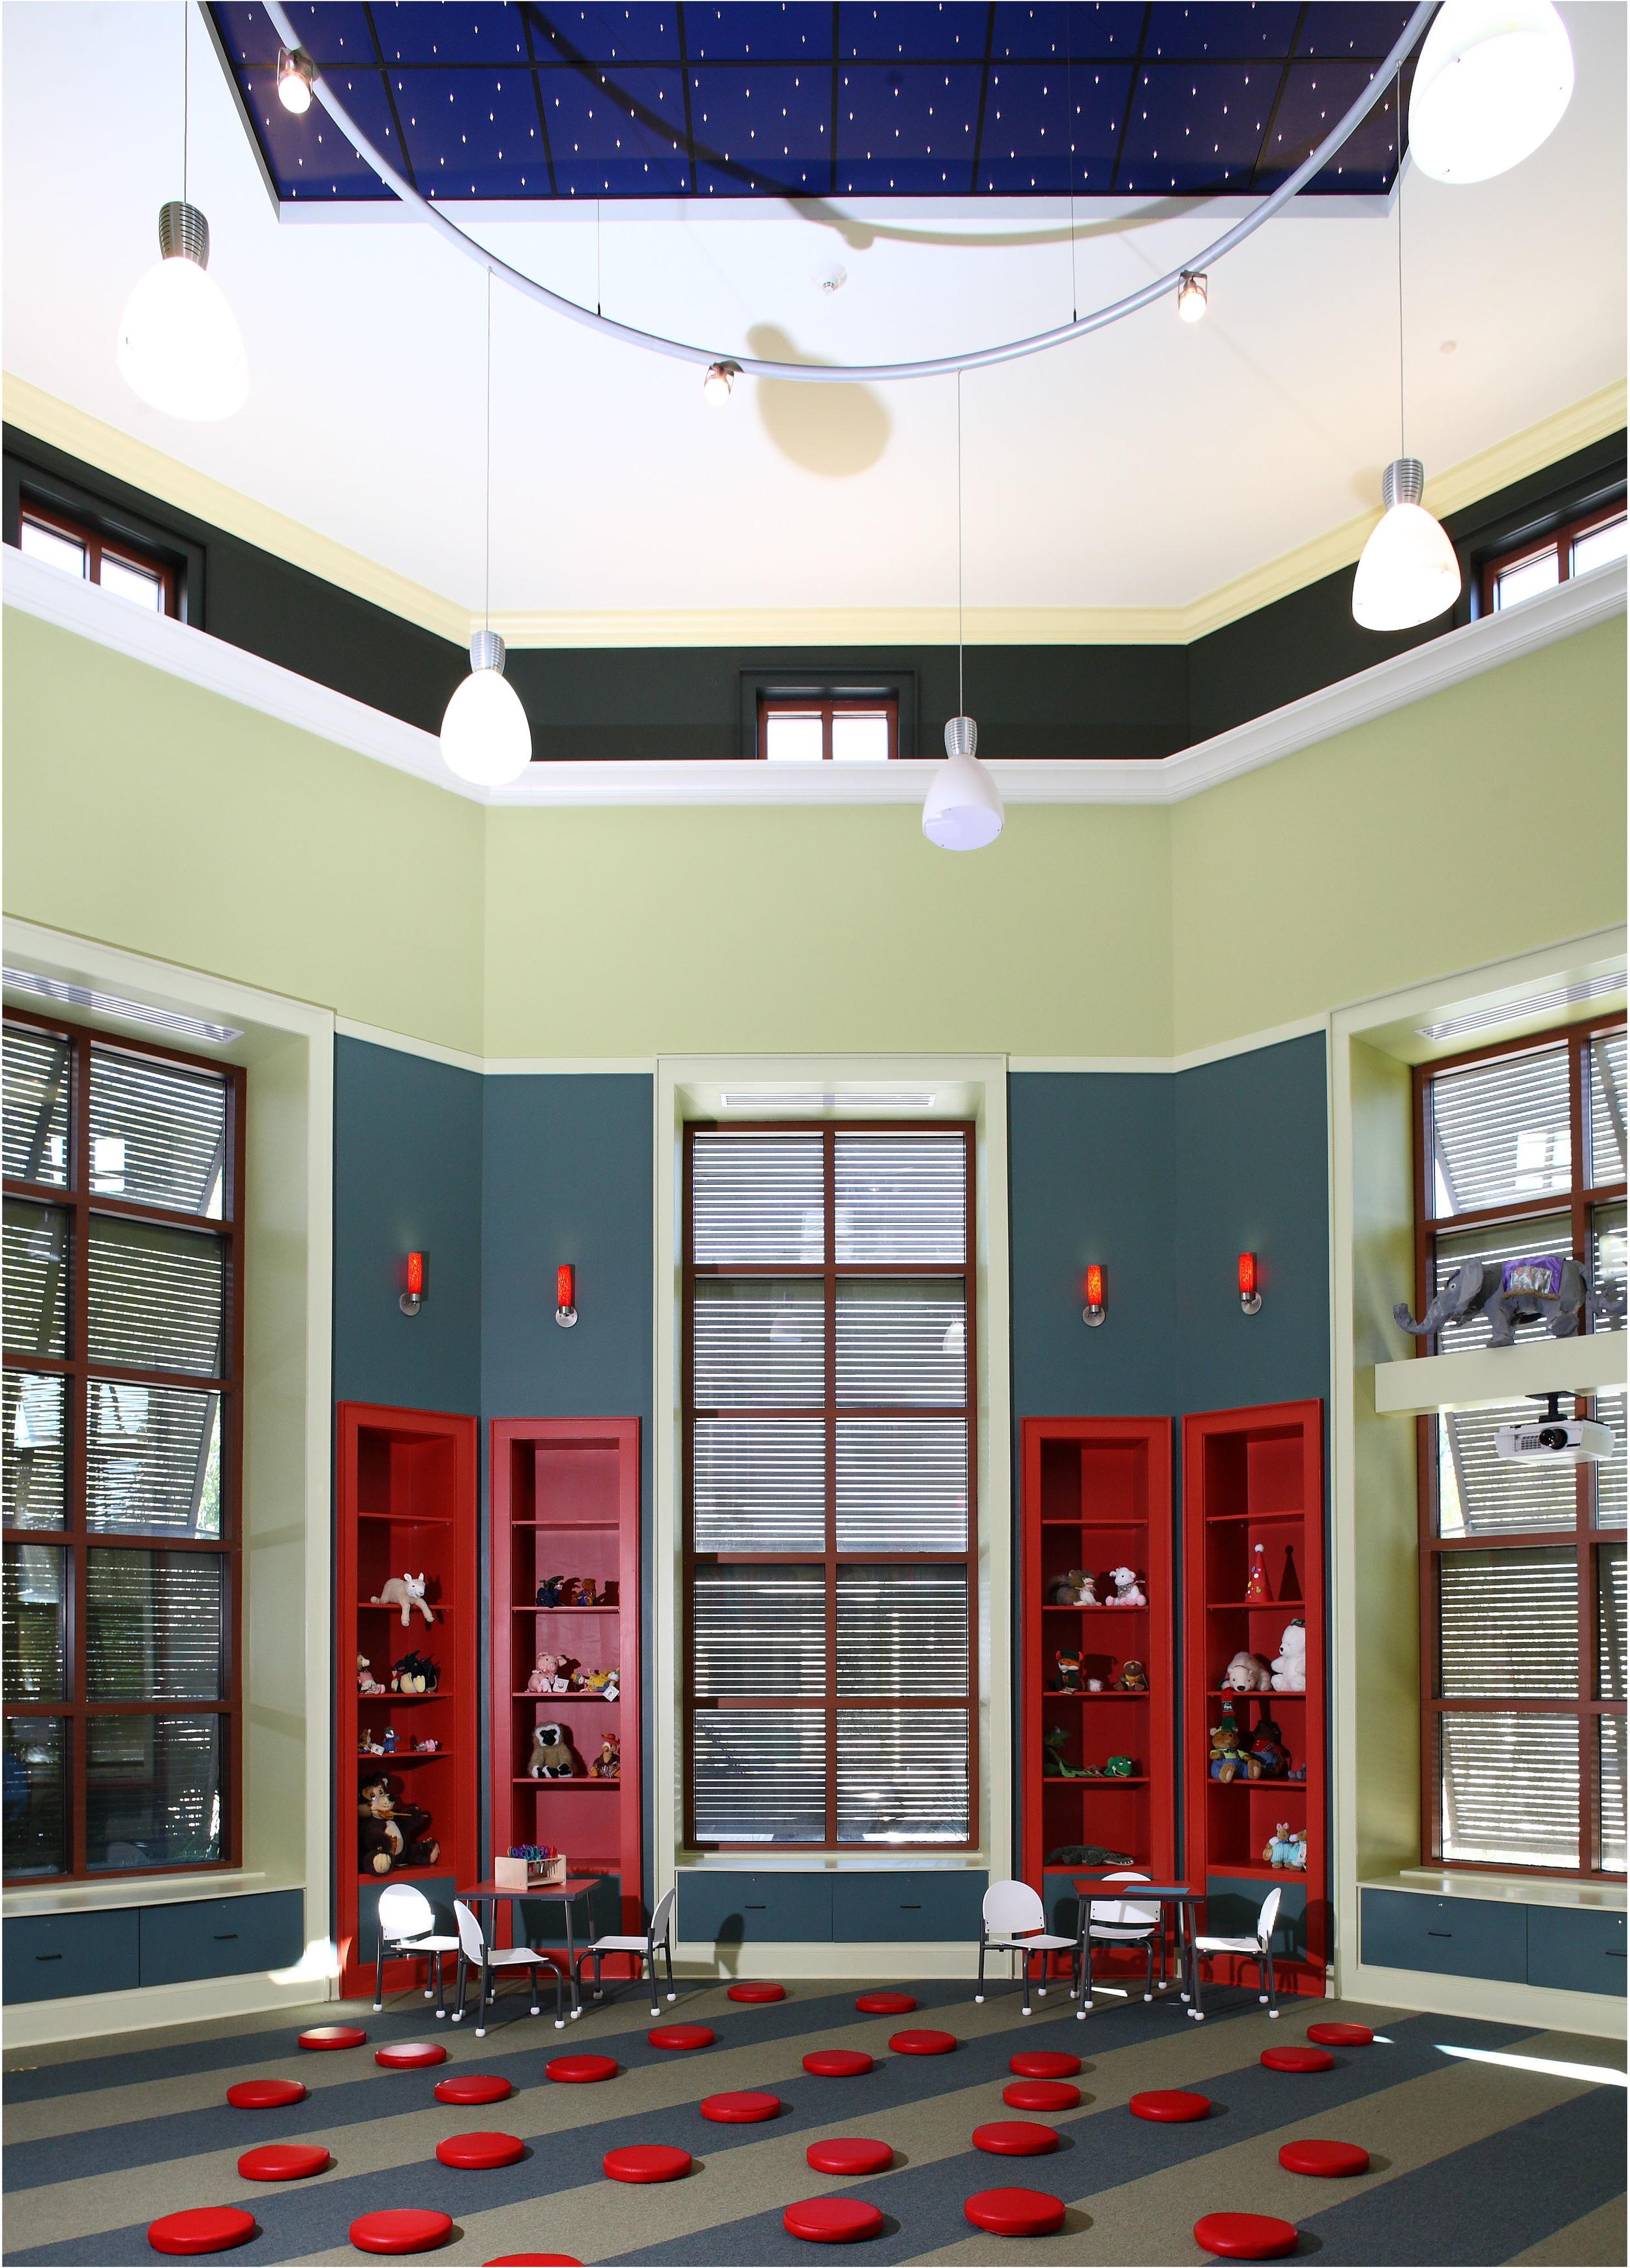 Fairhope Library 11.jpg